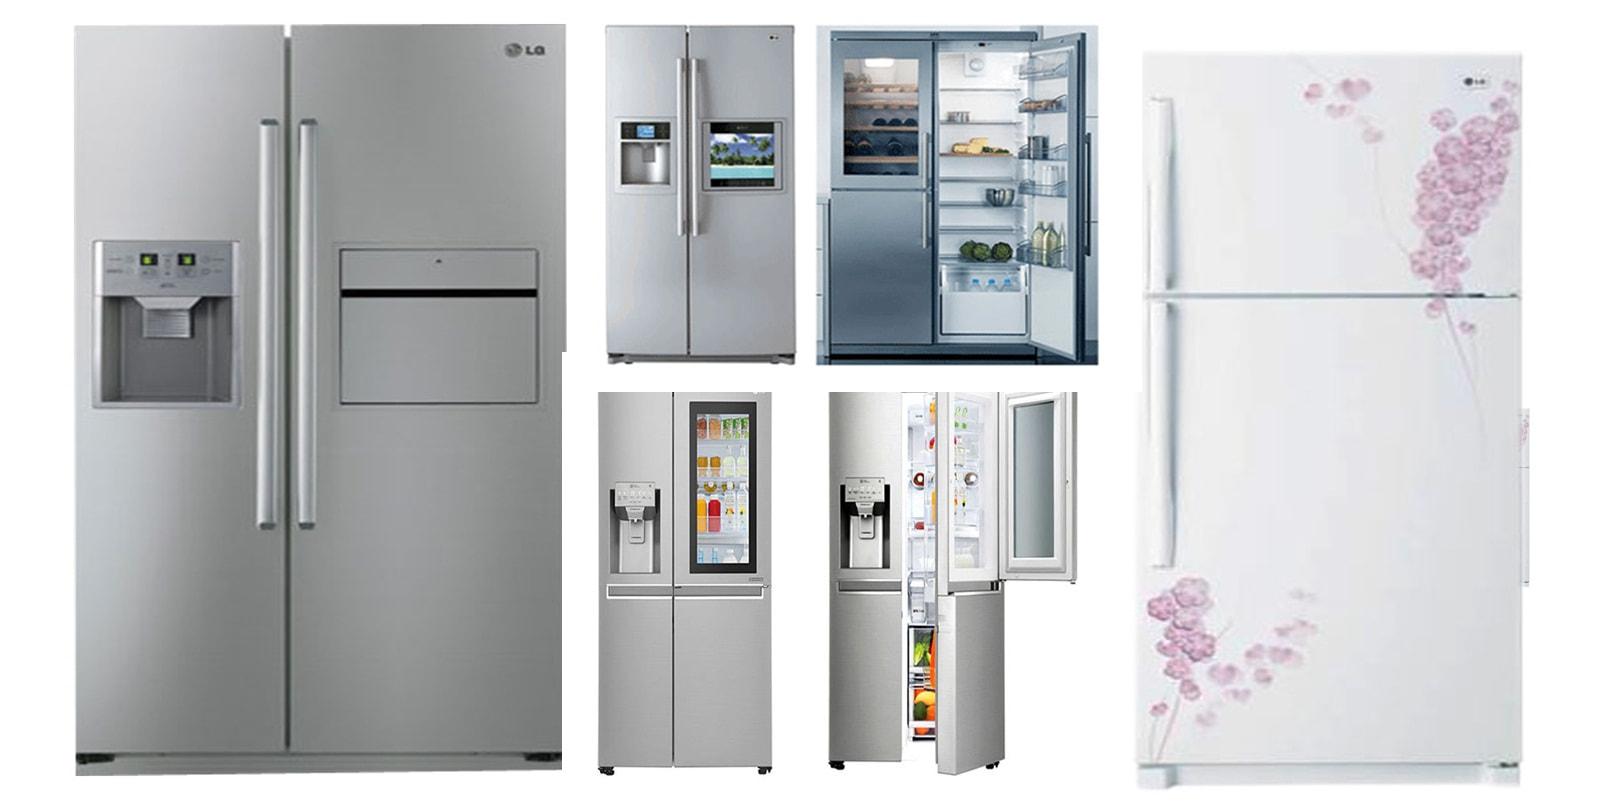 8 lý do tủ Side by side không lạnh/Kém mát_Sửa tại nhà 199k